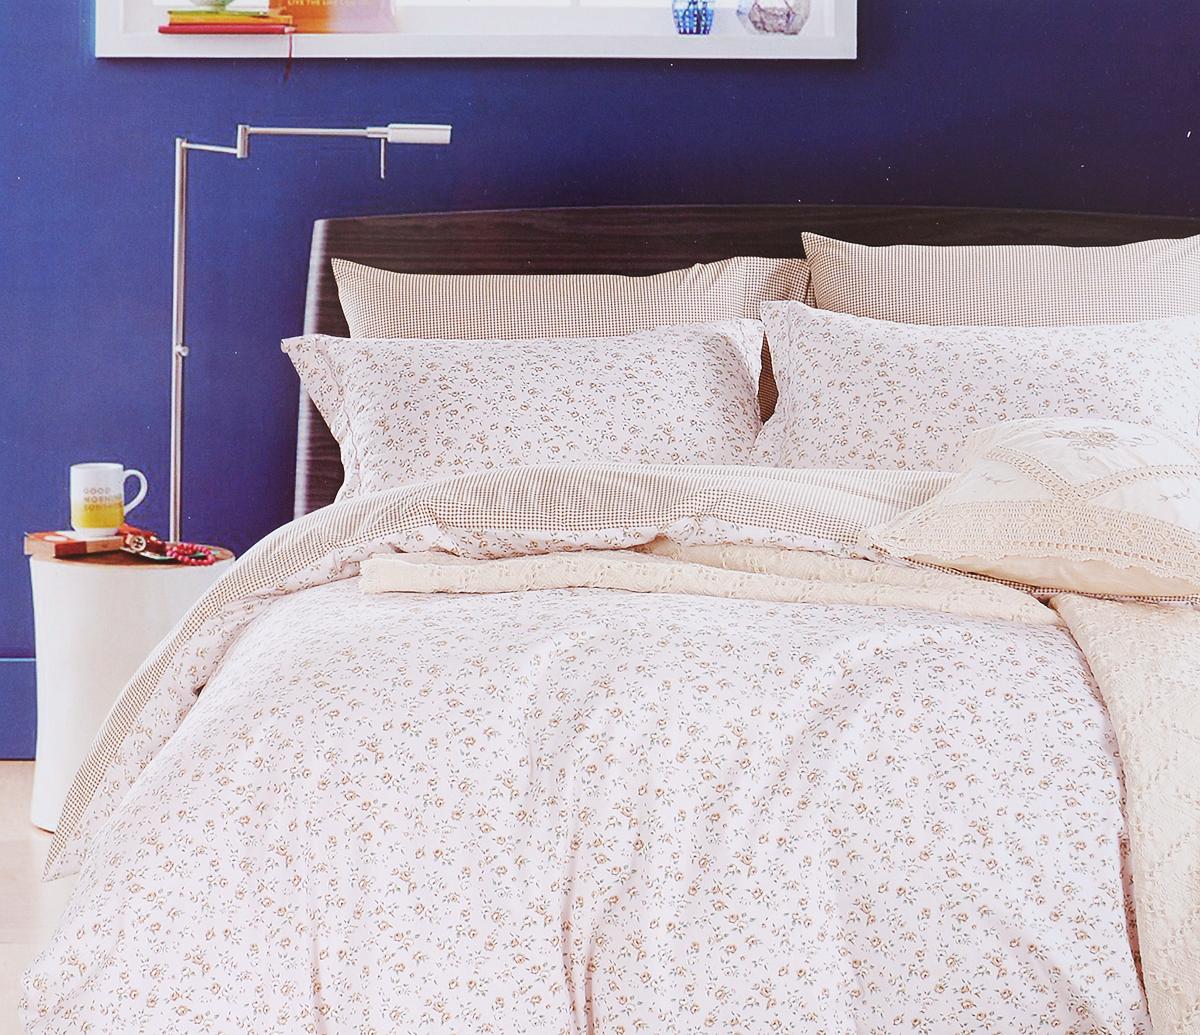 Комплект белья Arya Felix, 2-спальный, наволочки 50х70, 70х70, цвет: светло-розовый, белыйTR1002264Роскошный комплект постельного белья Arya Felix состоит из пододеяльника, простыни и 4 наволочек, выполненных из сатина (100% хлопка). Сатин - прочная и плотная ткань с диагональным переплетением нитей. Сатиновое постельное белье легко переносит стирку в горячей воде, не выцветает, не соскальзывает с кровати и приятно на ощупь.Благодаря такому комплекту постельного белья вы создадите неповторимую атмосферу в вашей спальне.